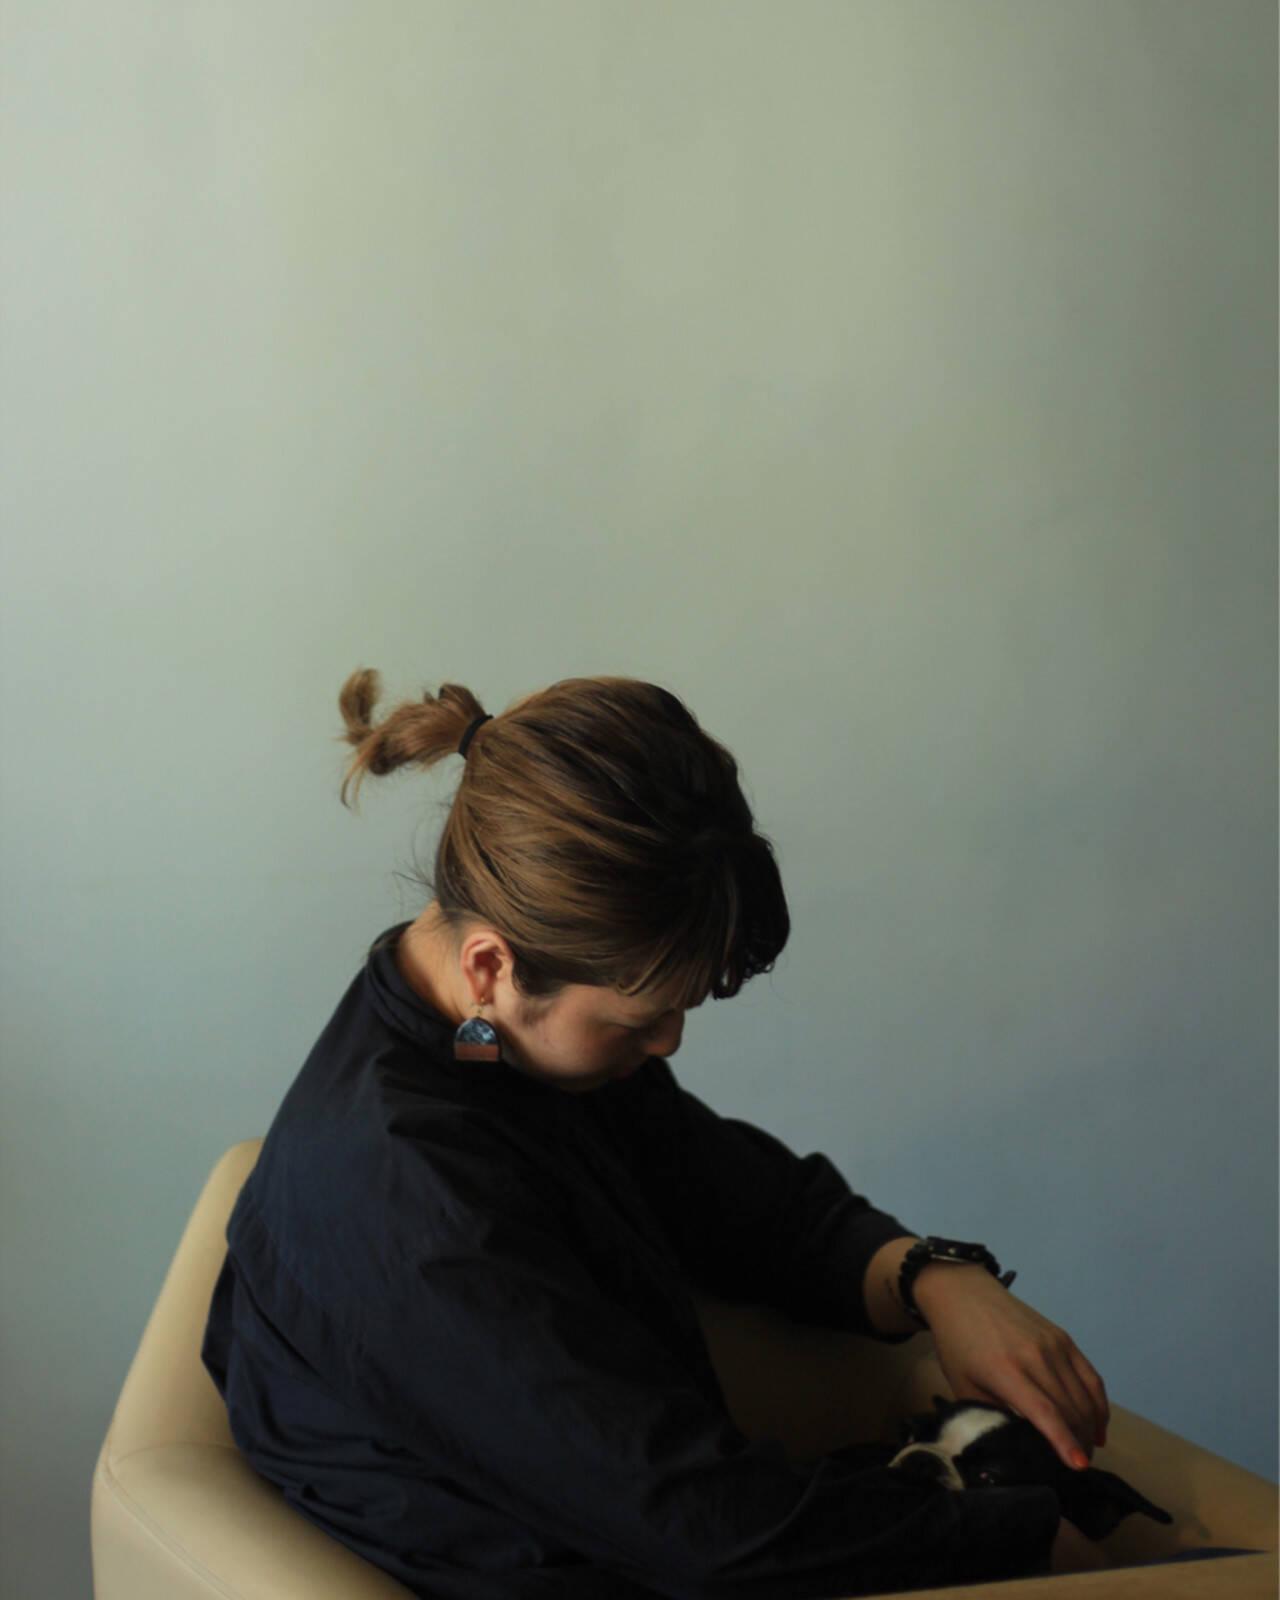 デート ヘアアレンジ 秋 モードヘアスタイルや髪型の写真・画像